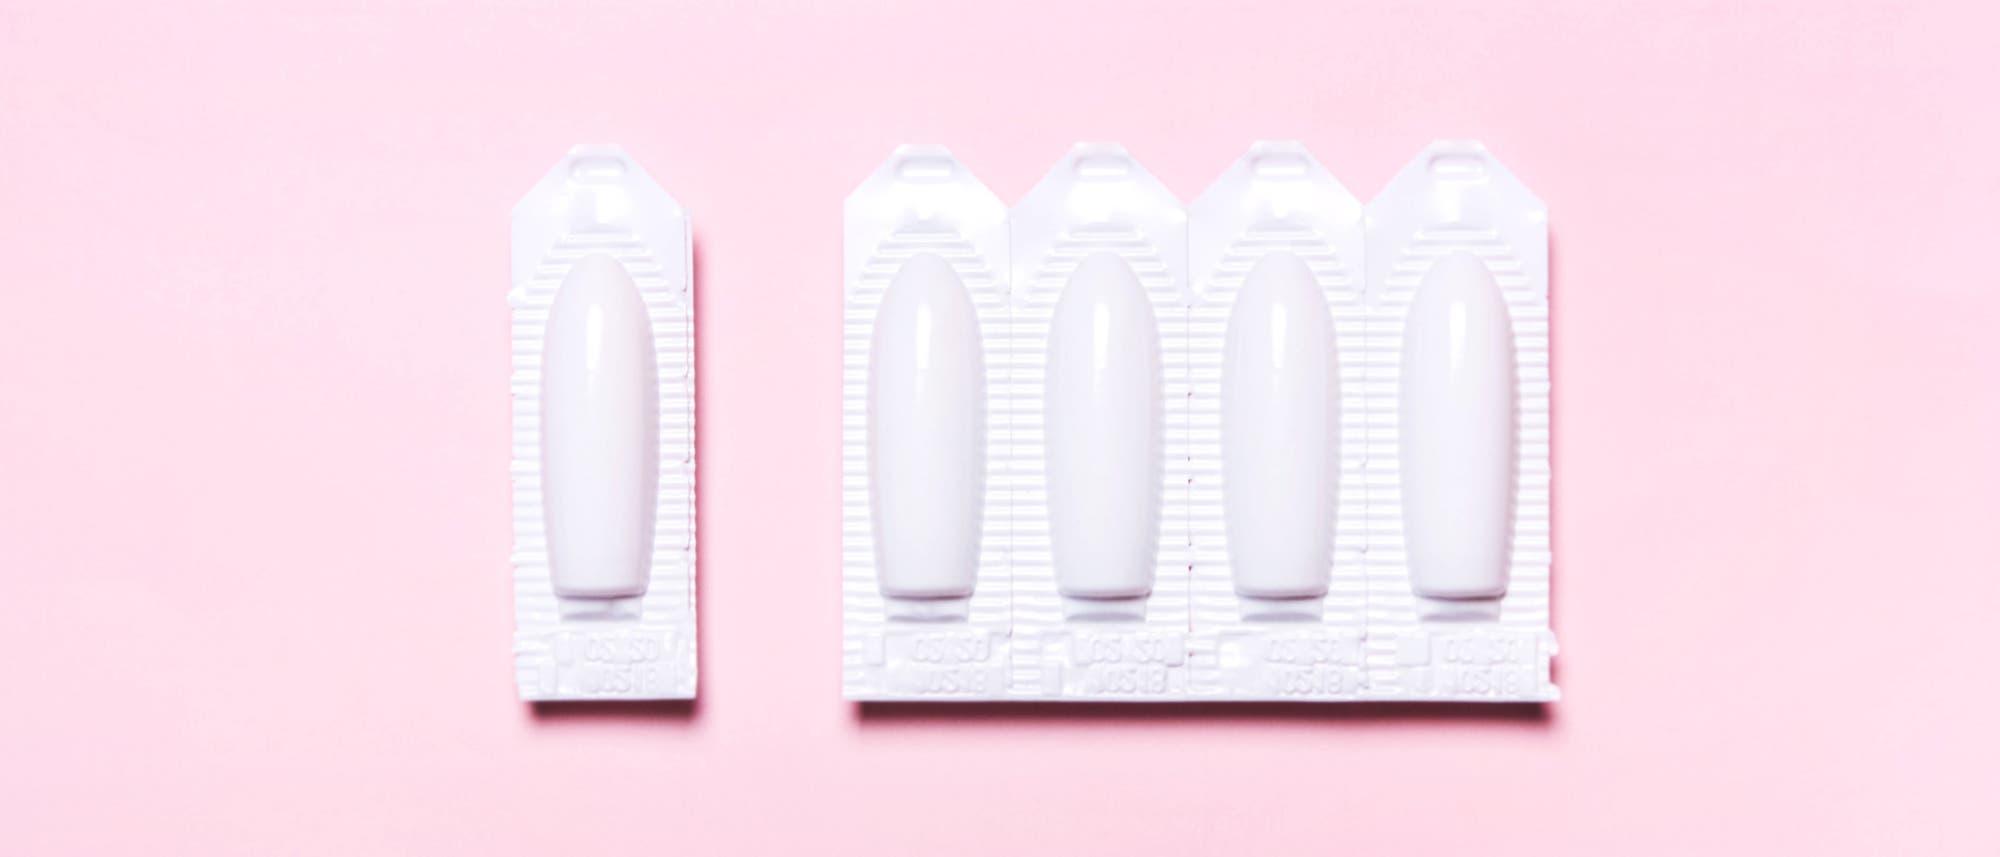 Zäpfchen und Creme mit Clotrimazol sollen Pilzinfektionen in der Scheide bekämpfen.